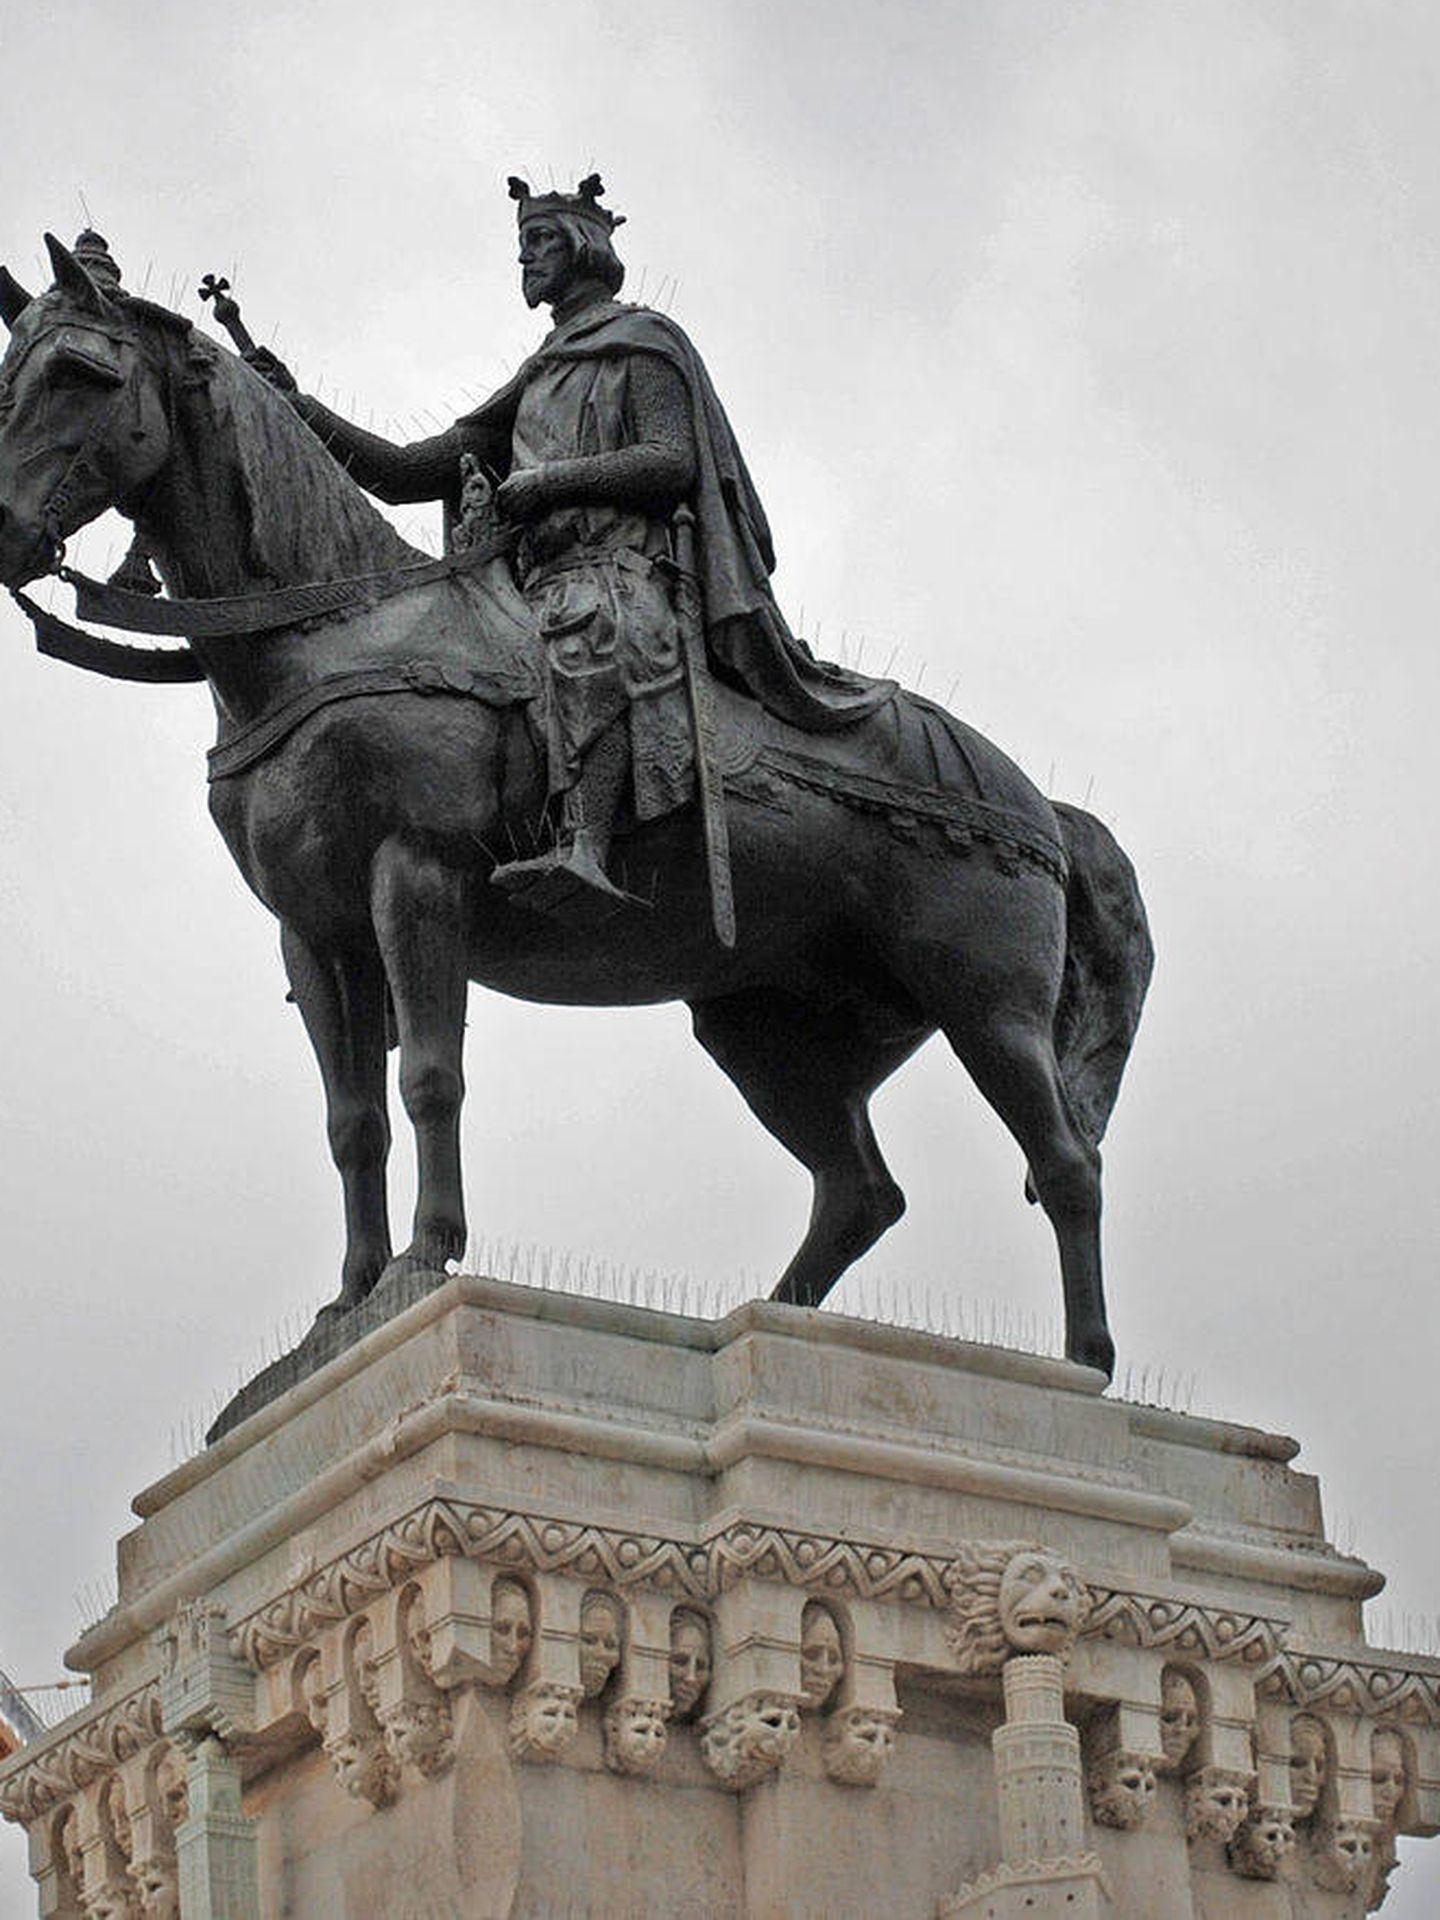 Estatua ecuestre del monarca en el monumento situado en la Plaza Nueva de Sevilla, realizado en la década de 1920. Obra de Joaquín Bilbao Rodríguez. (CC)